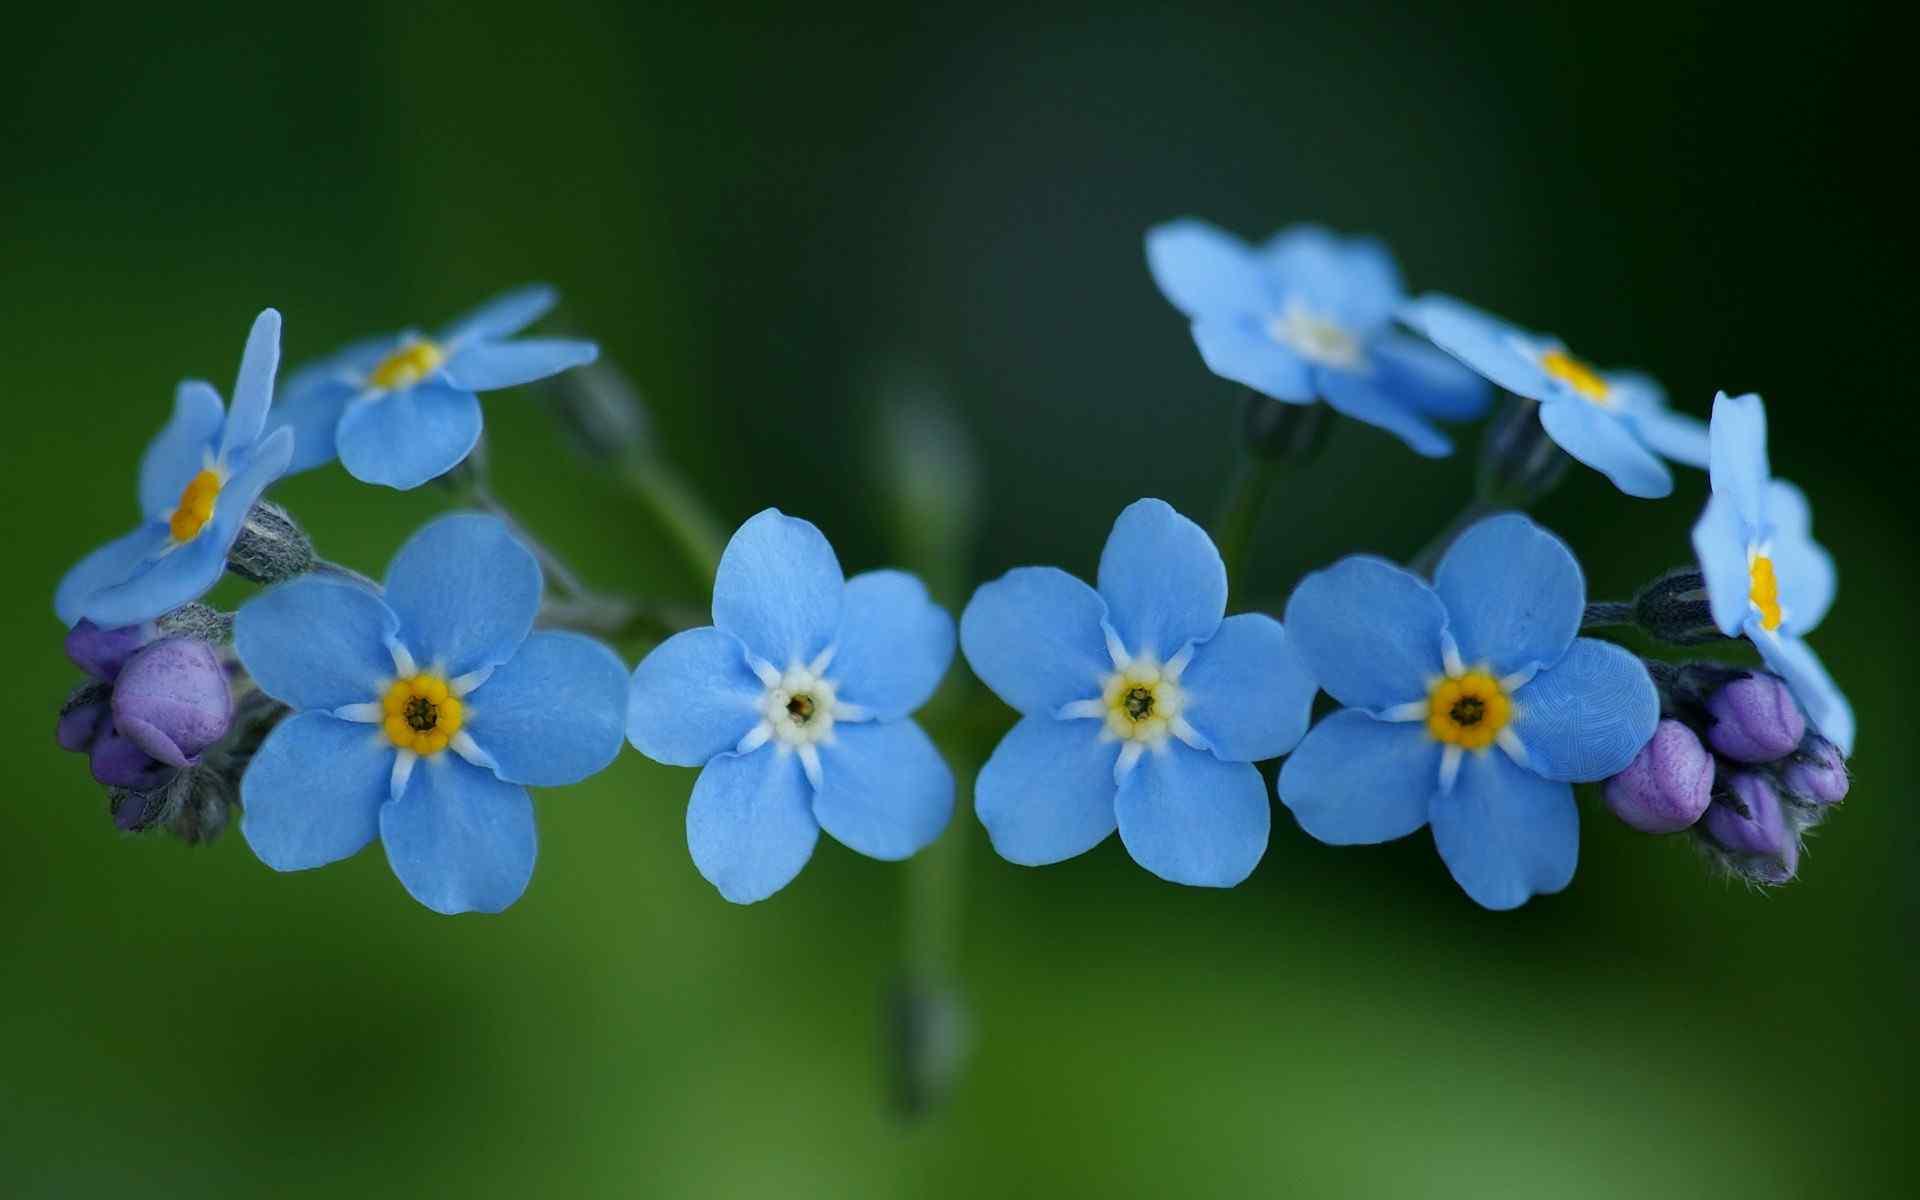 花中君子兰花素雅纯净高清壁纸 兰花图片